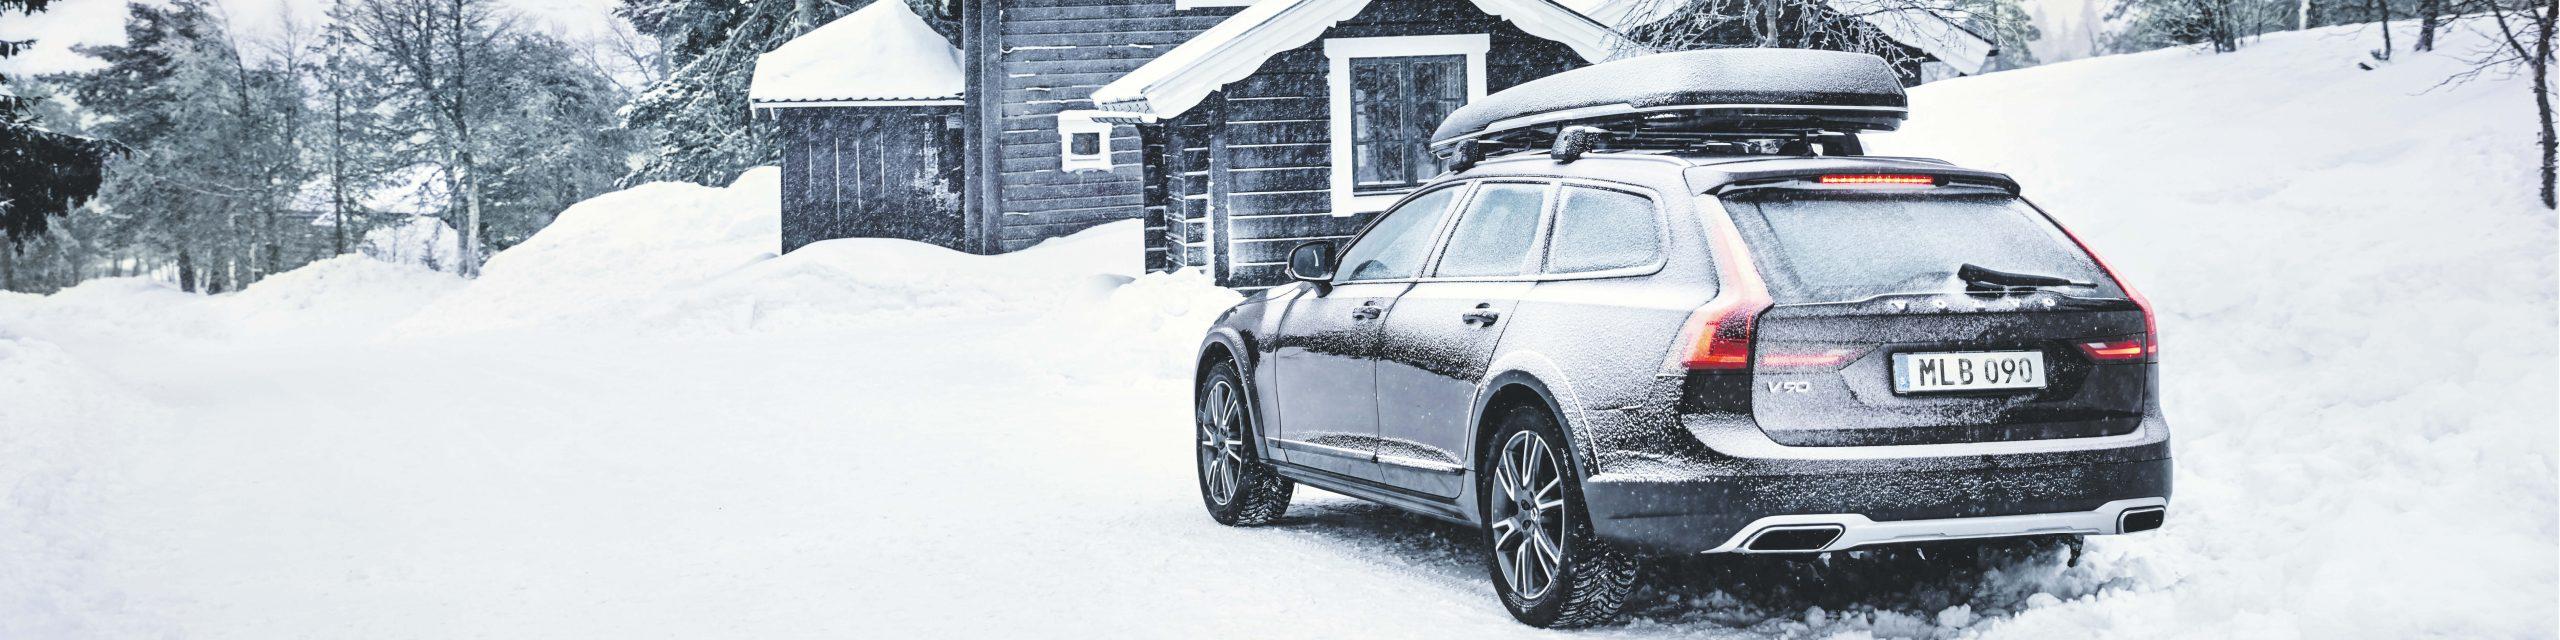 Volvo_V90_Schnee